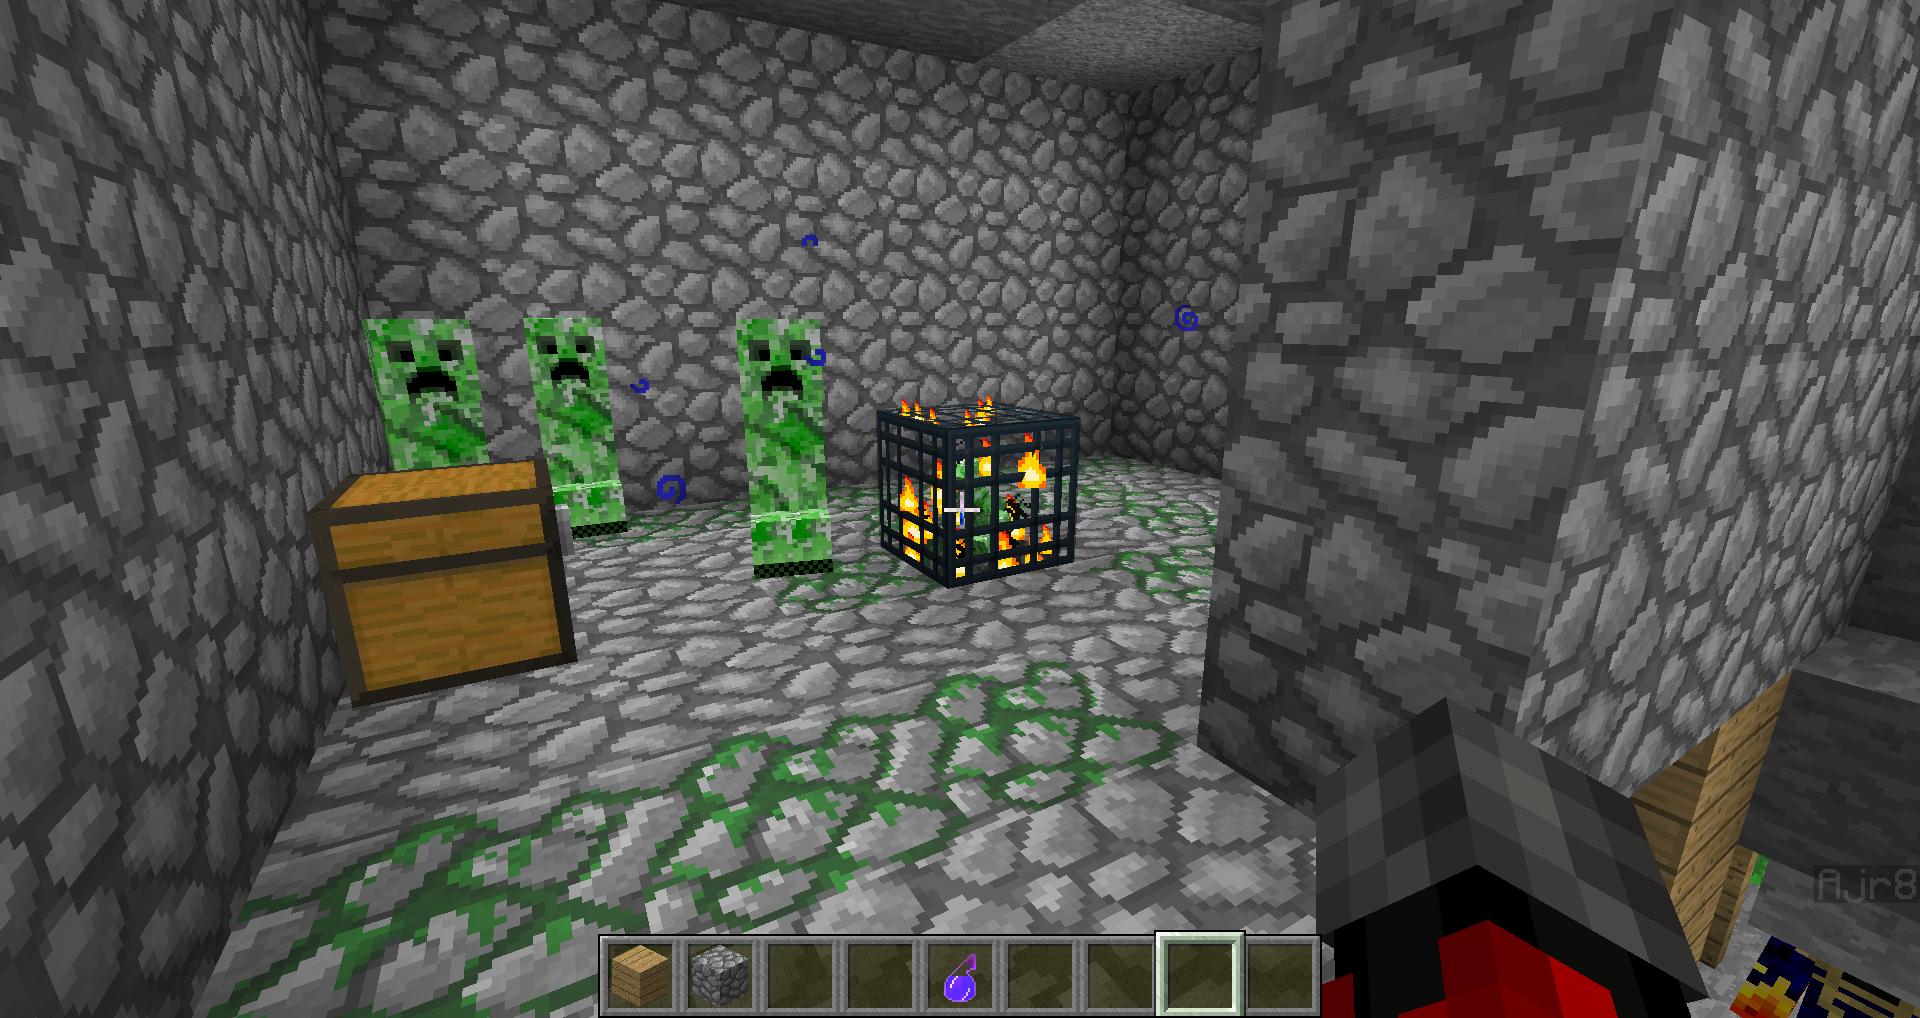 minecraft dungeons - photo #12